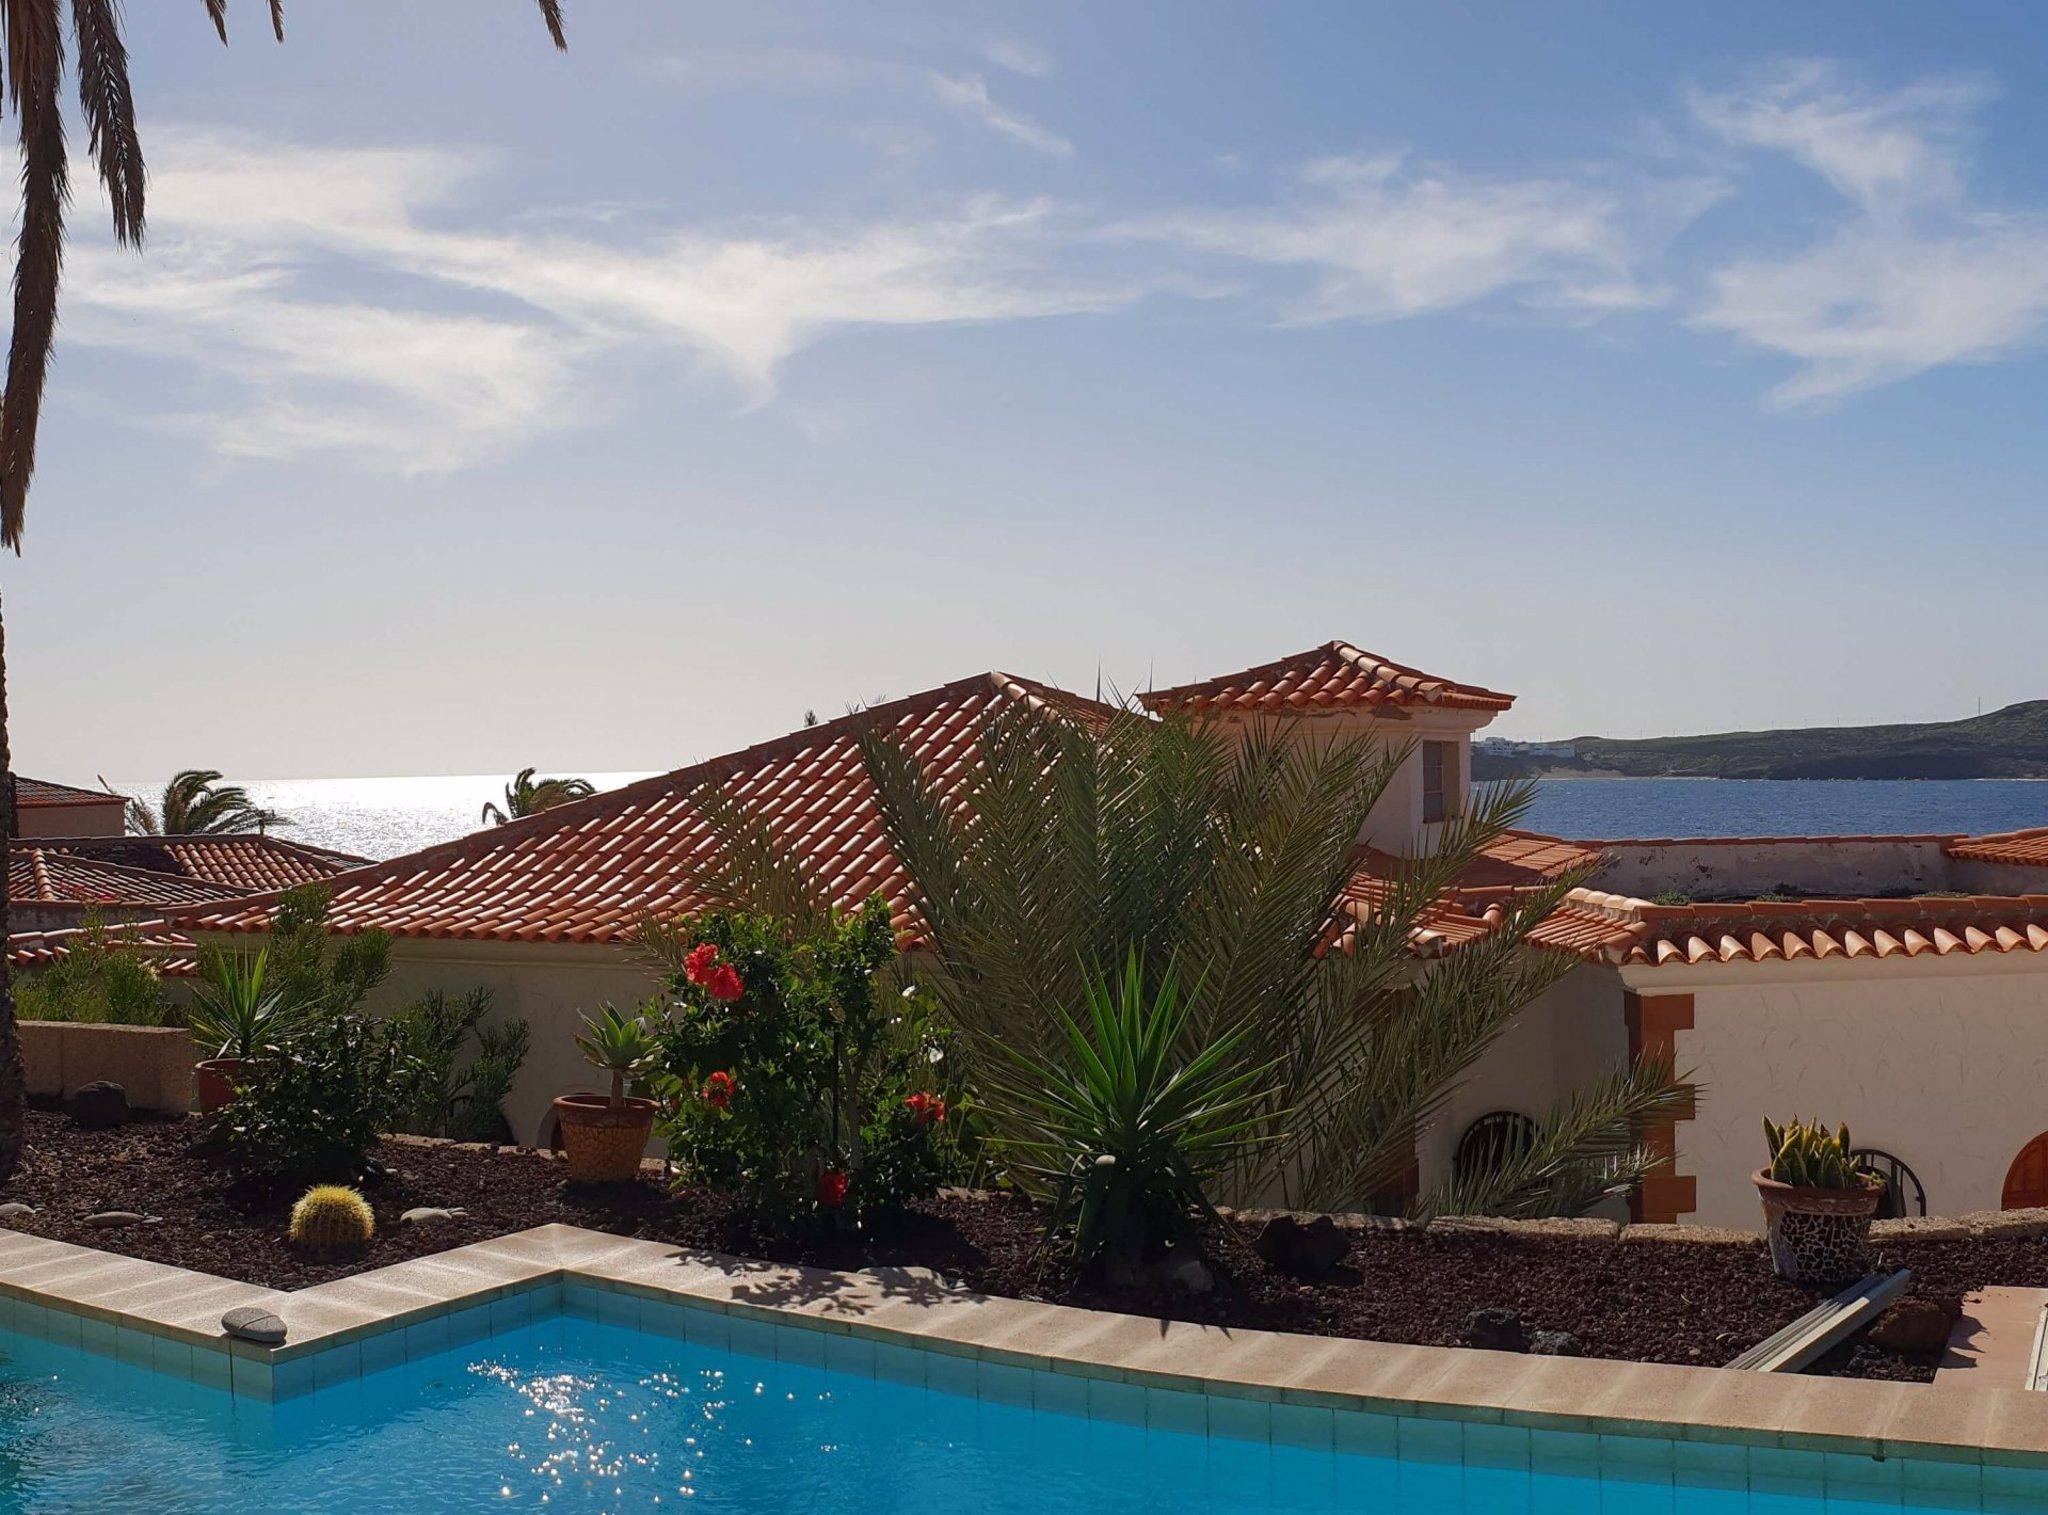 Ferienhaus direkt am Meer mit eigenem Pool (1671160), Poris de Abona, Teneriffa, Kanarische Inseln, Spanien, Bild 6